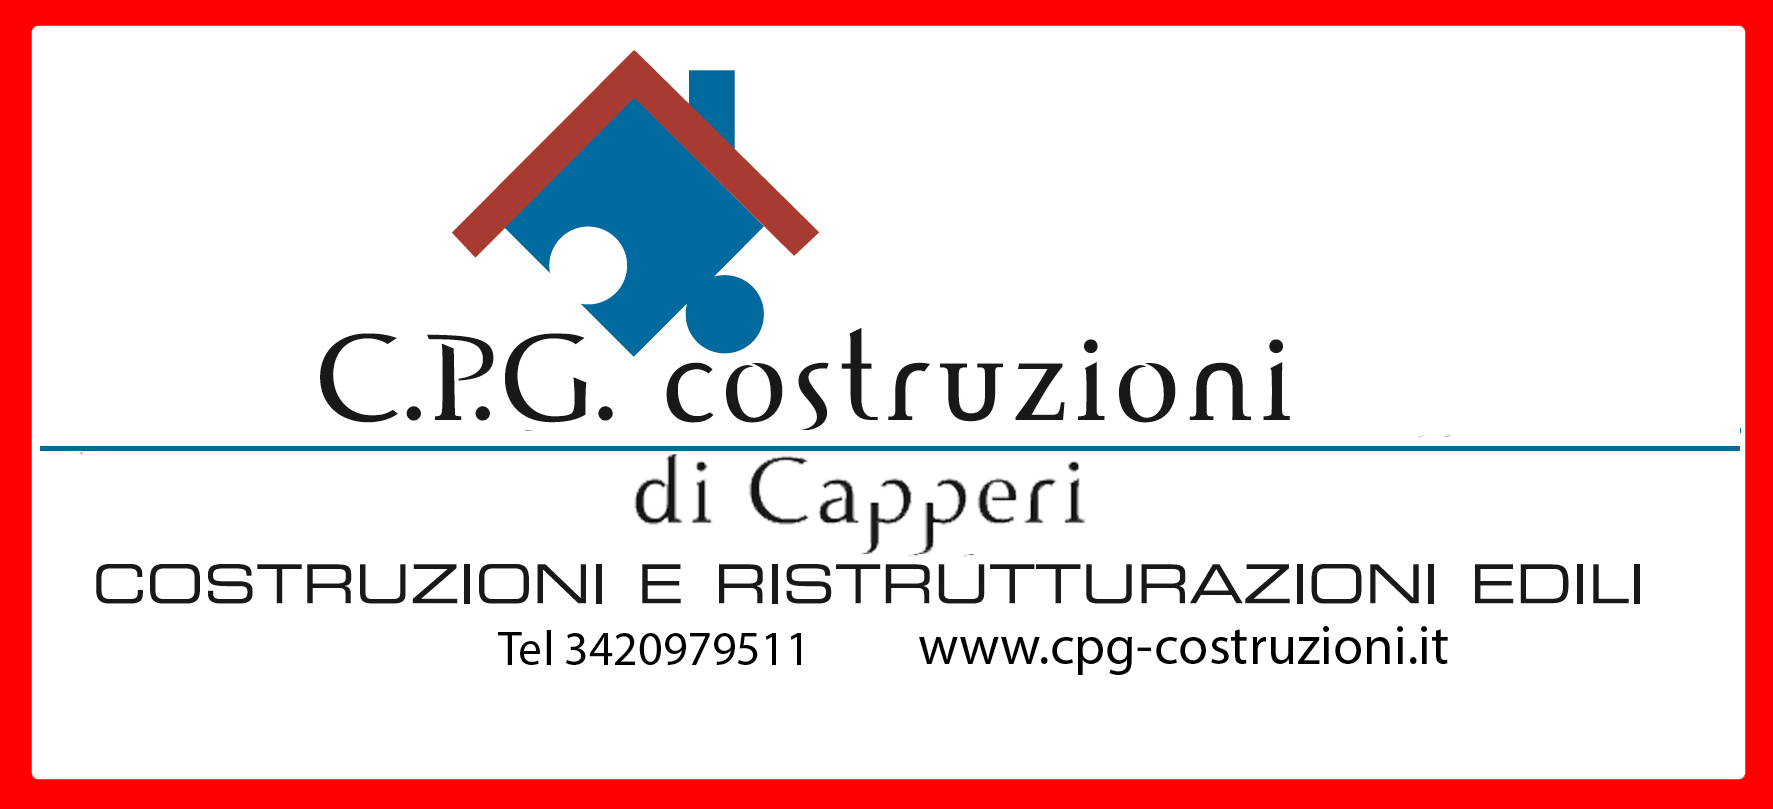 C.P.G. Costruzioni